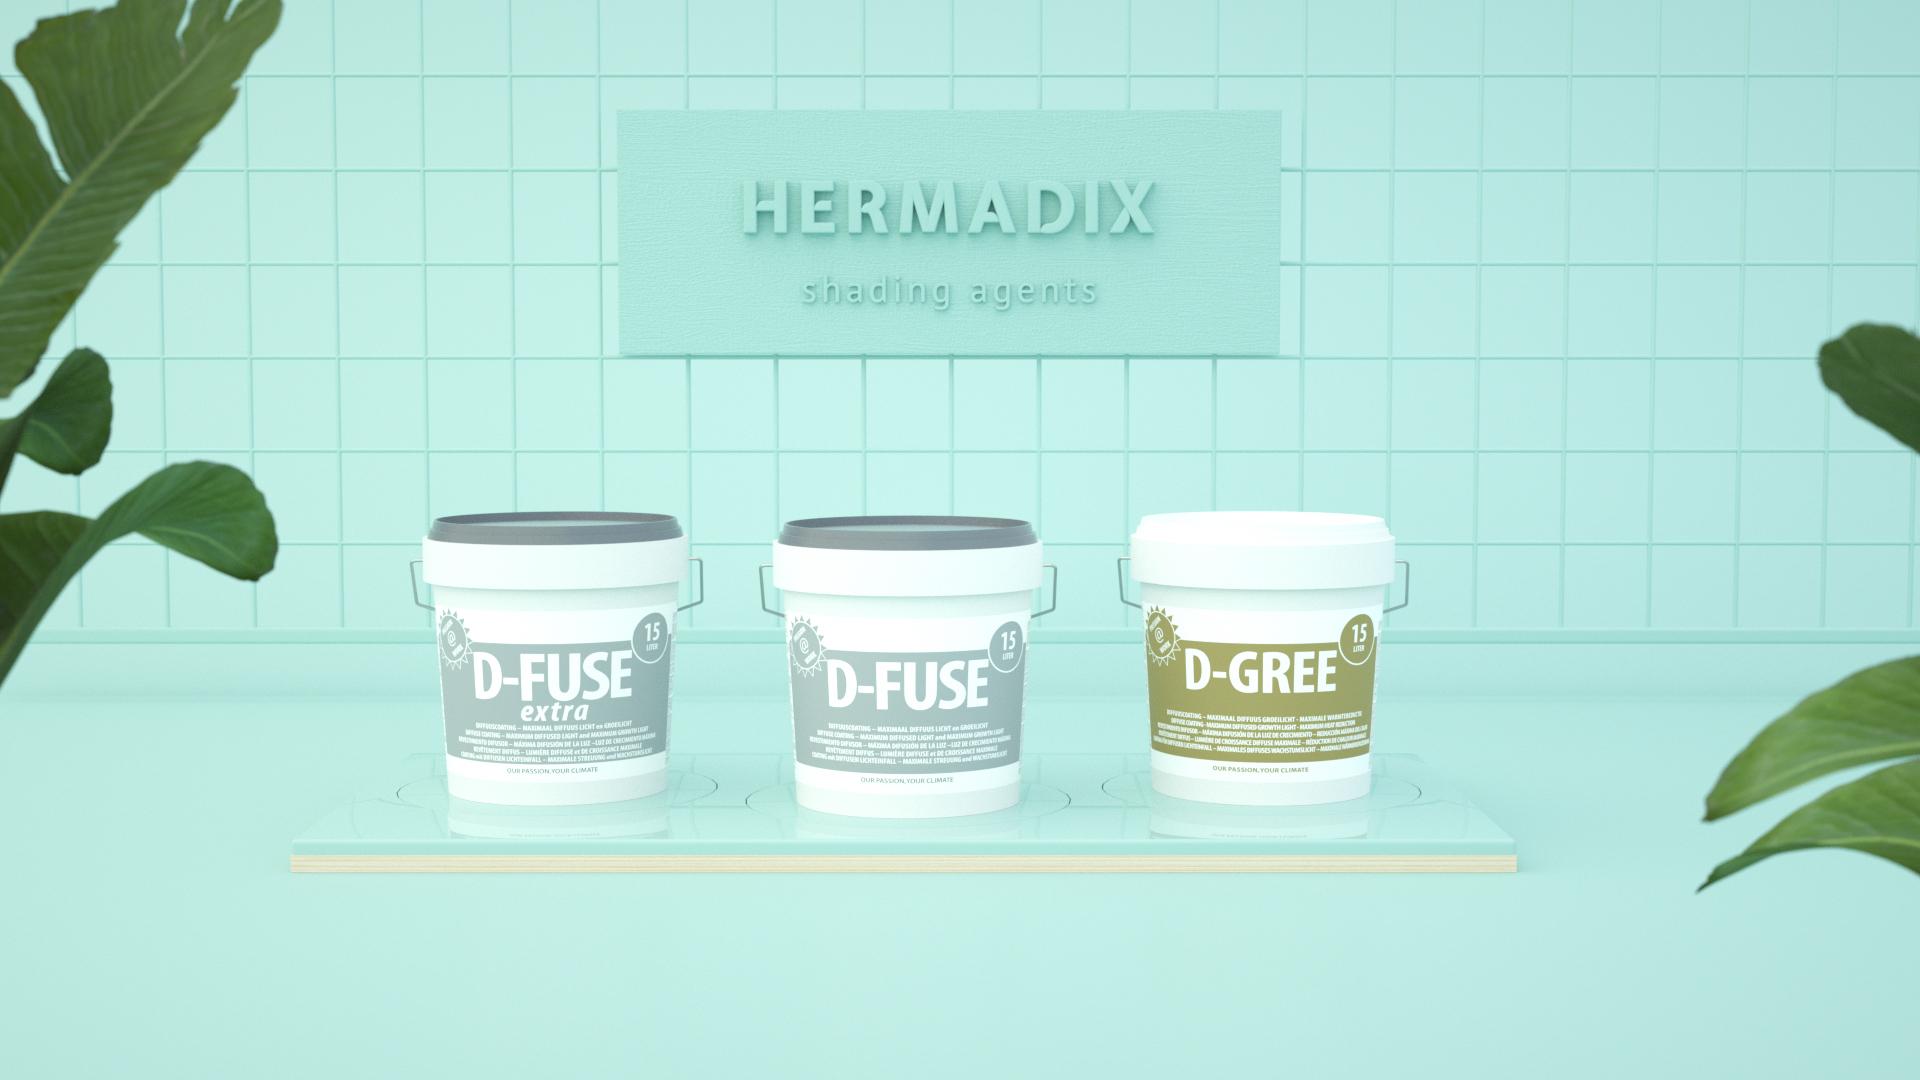 Hermadix02